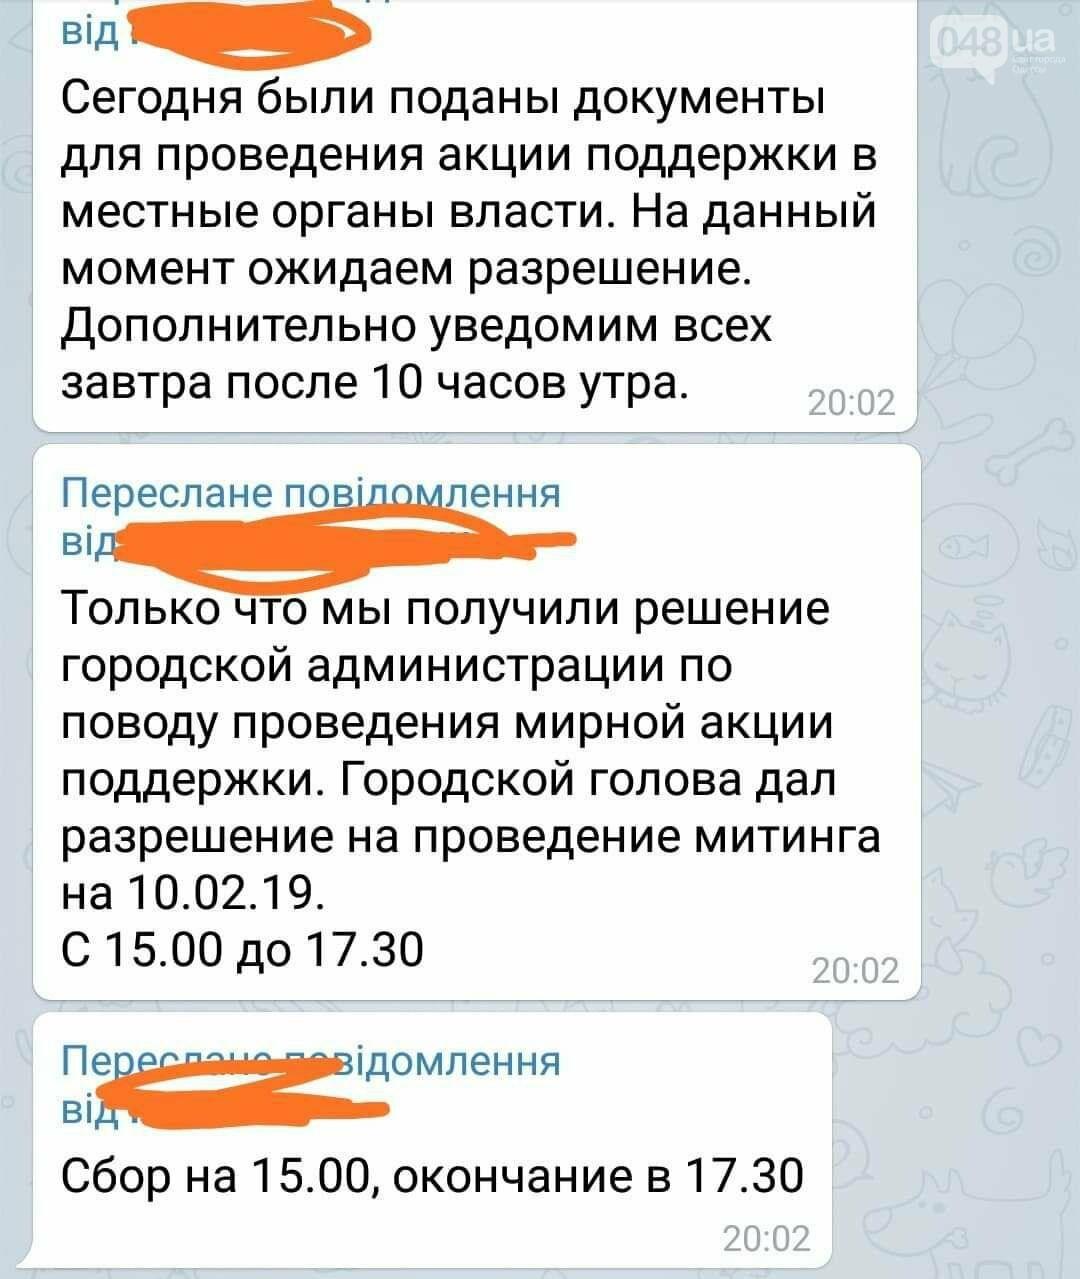 Выборы президента - в Одессе собрали митинг за несуществующего кандидата - фото 2